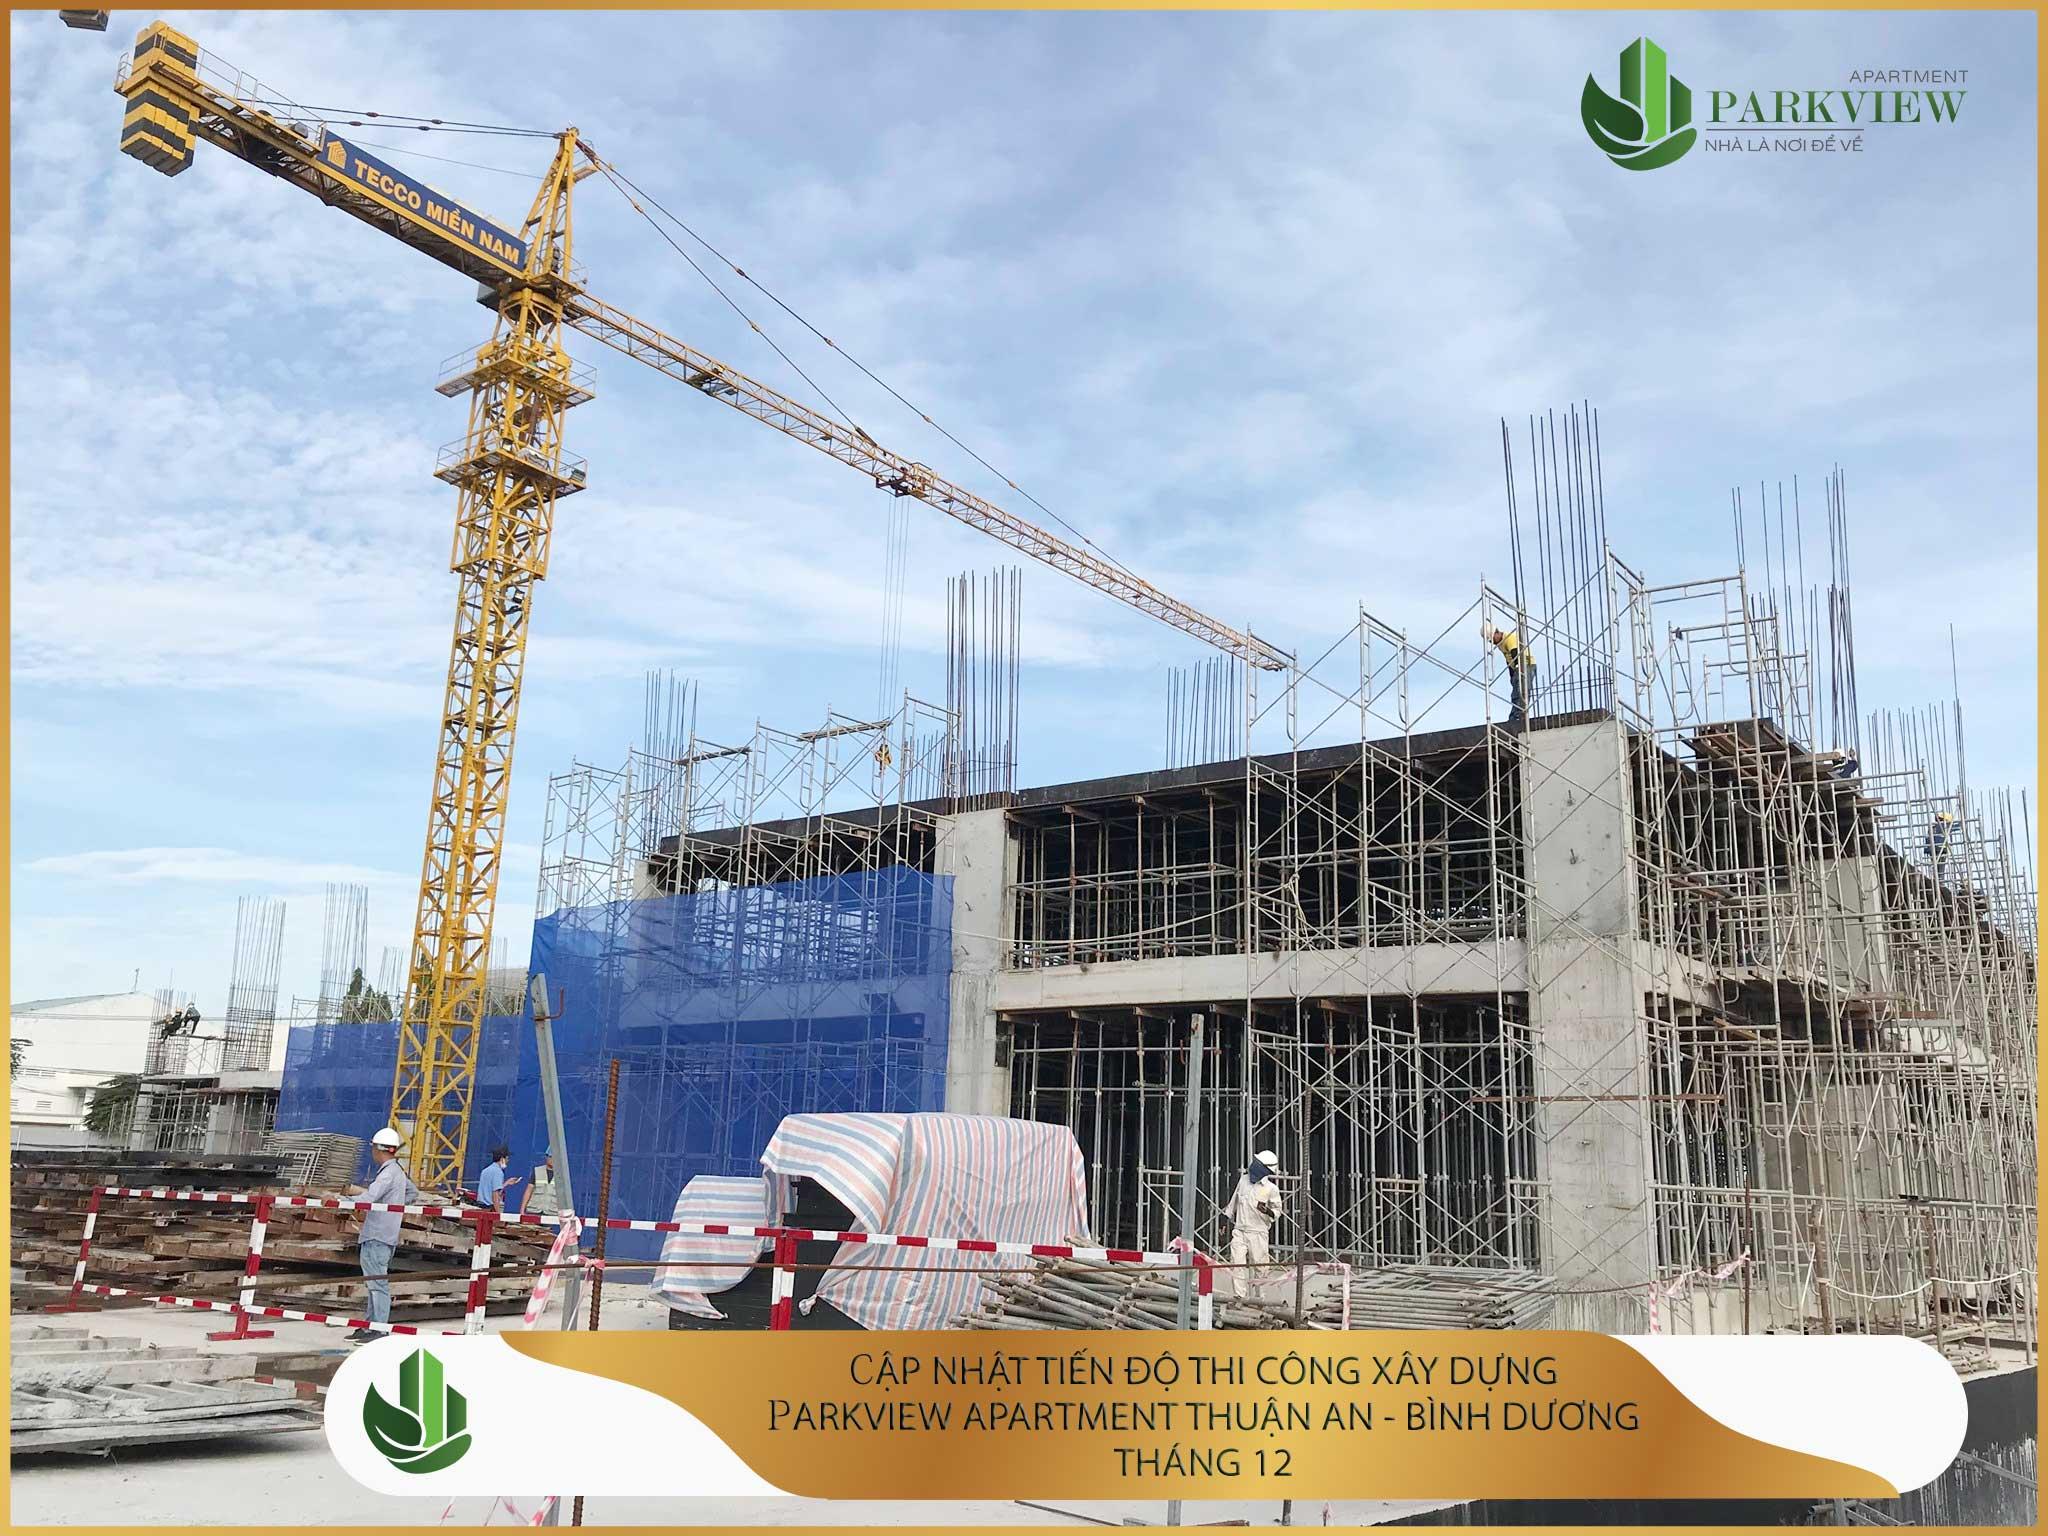 Tiến độ thi công xây dựng căn hộ chung cư Parkview Apartment Thuận An